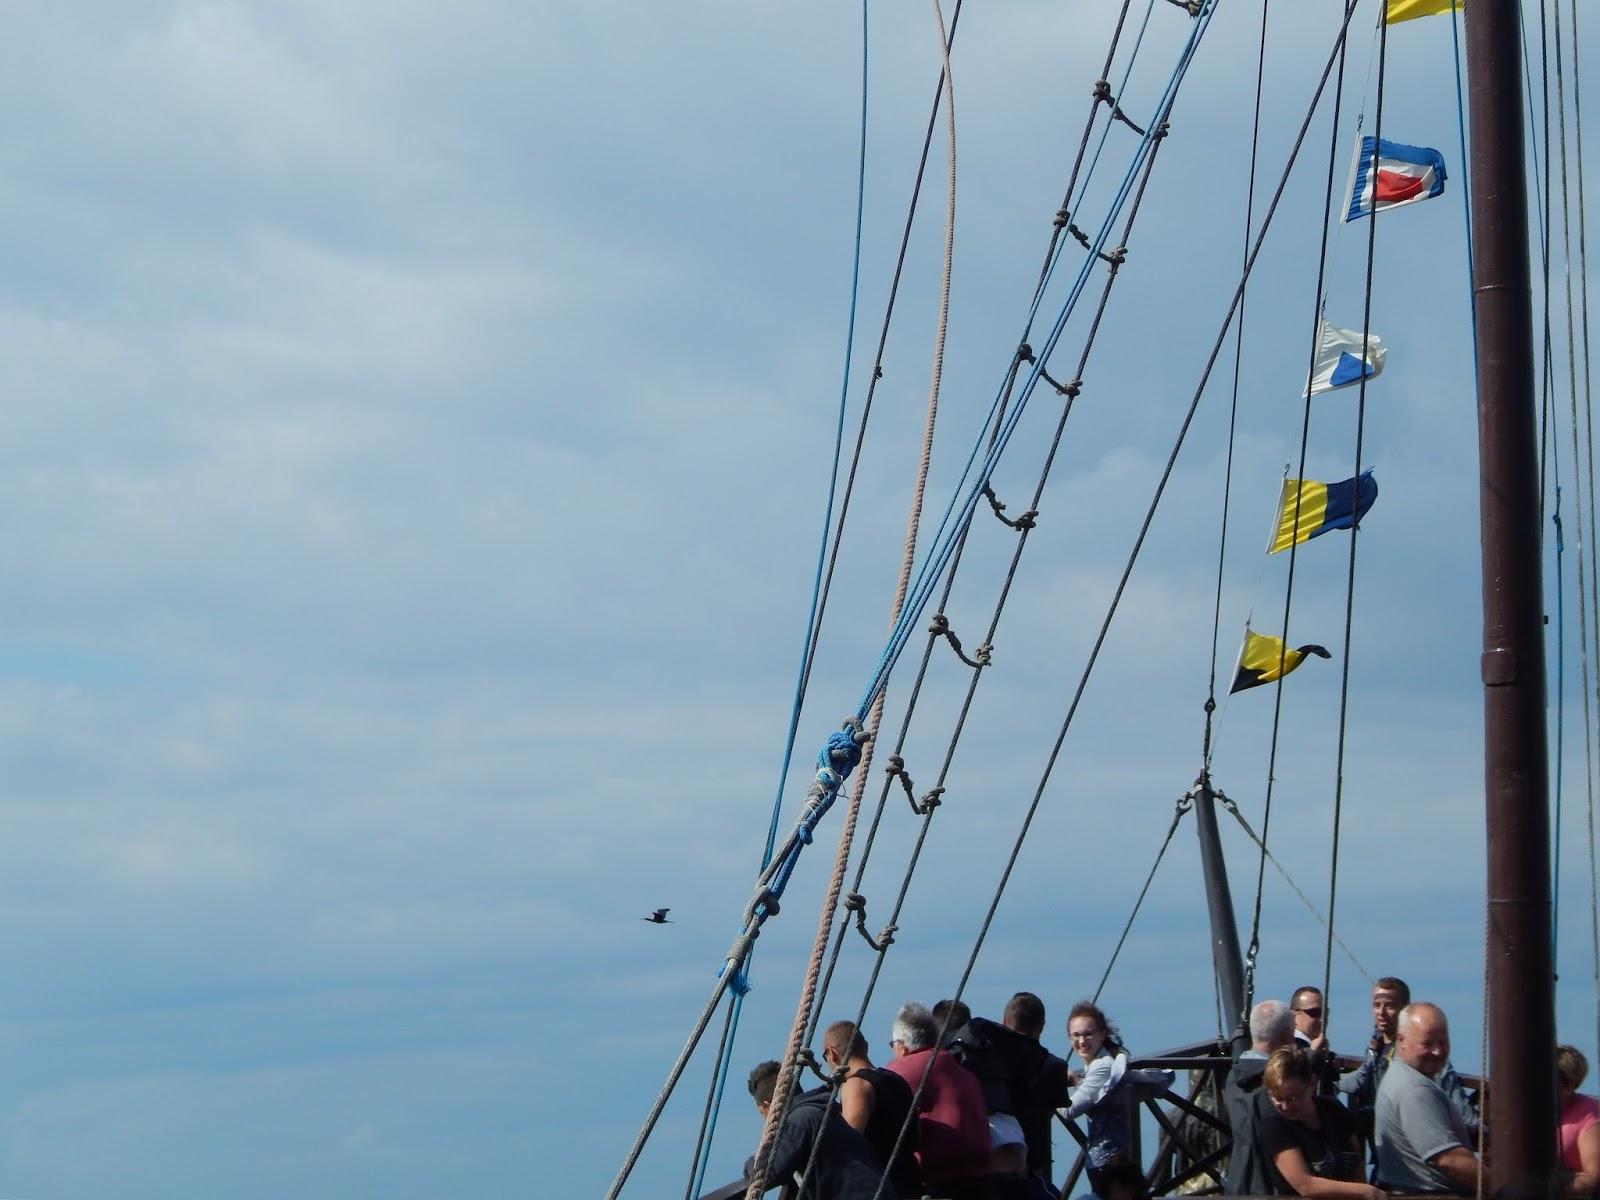 Plavba pirátskou lodí v Polsku